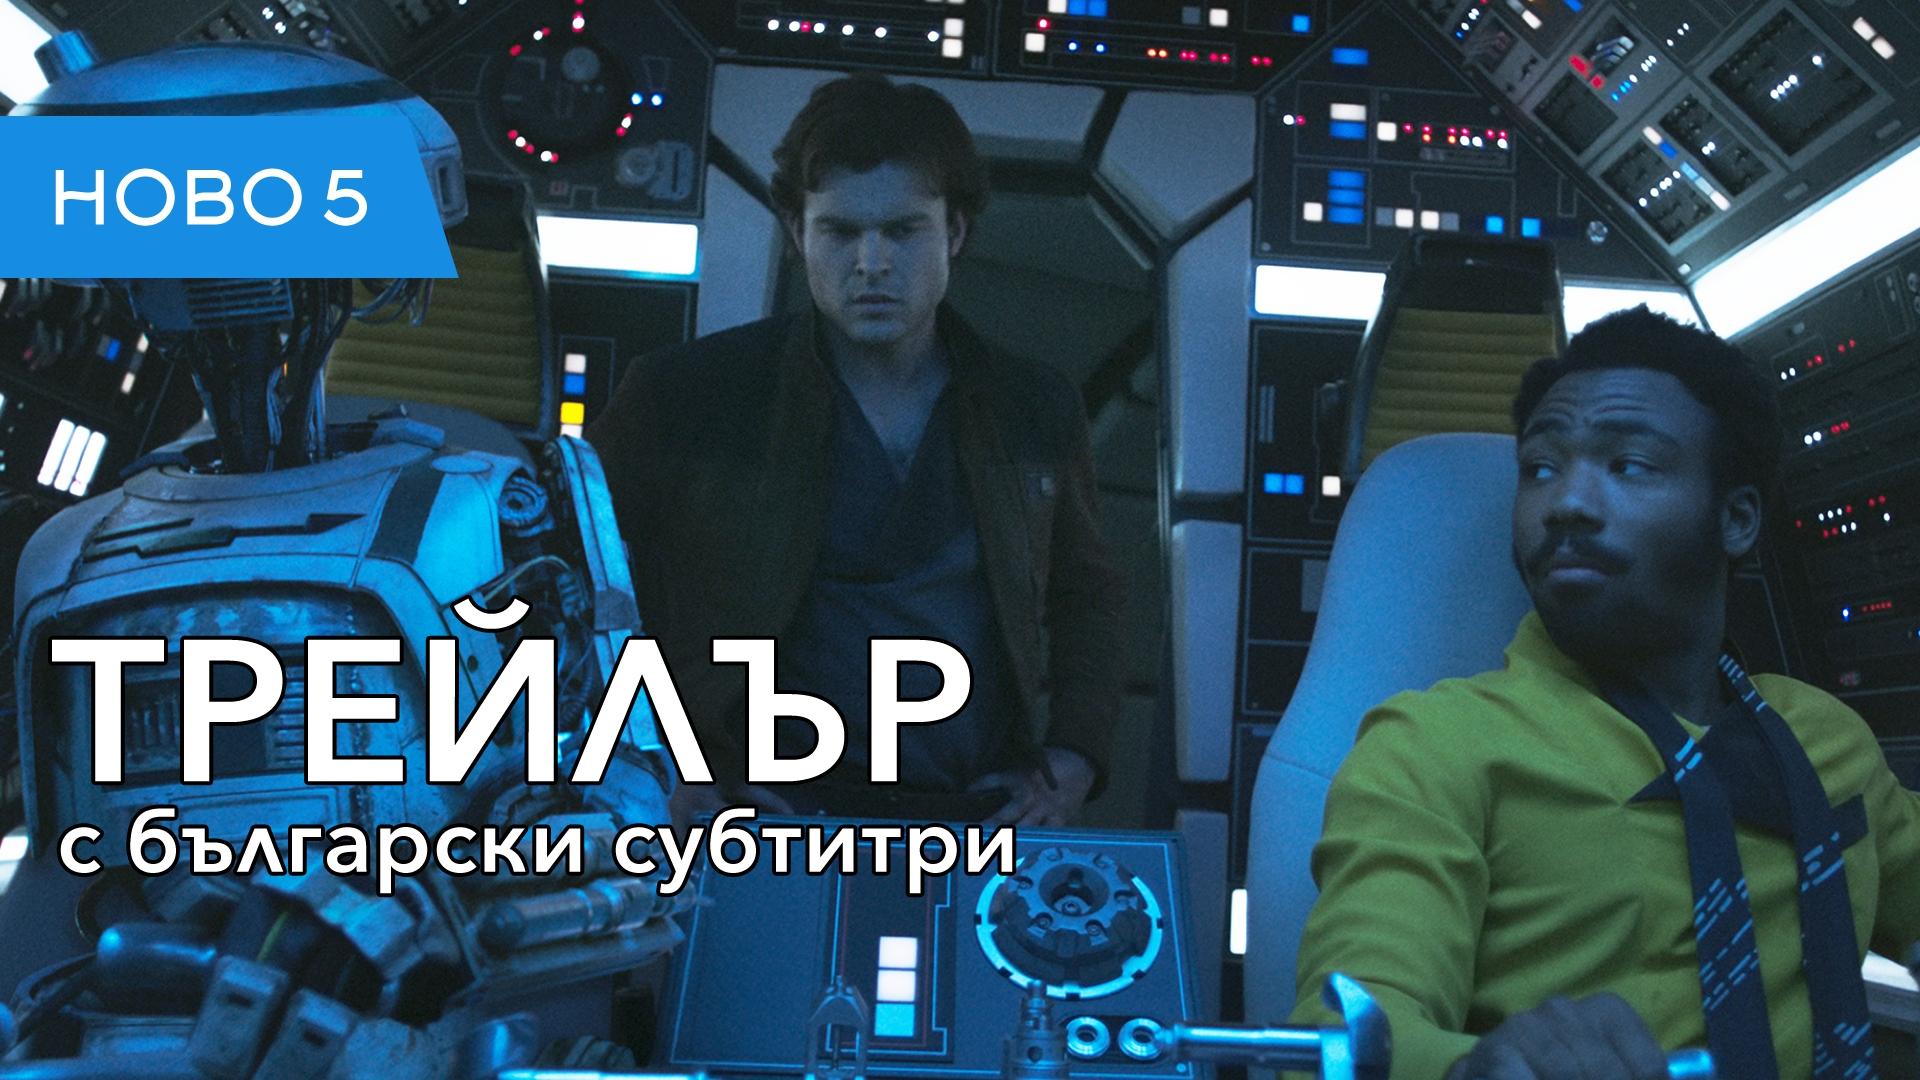 Соло: История от Междузвездни войни (2018) втори трейлър с български субтитри